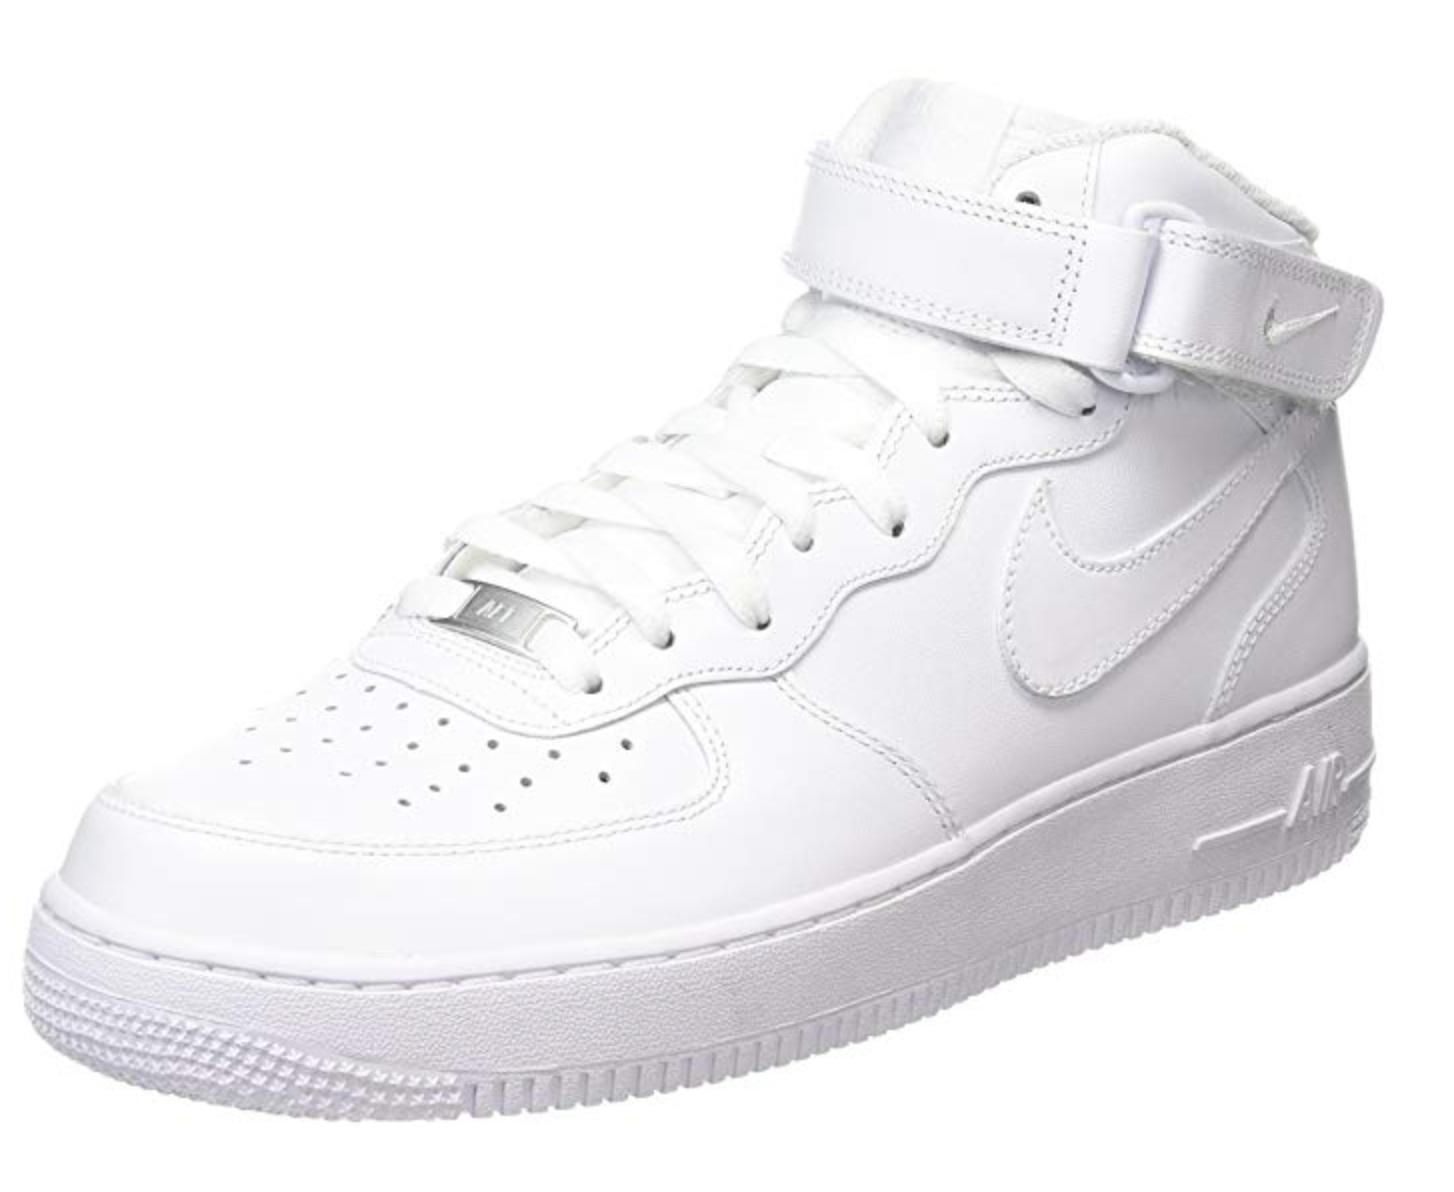 Nike Air Force 1 Sneakers - $125